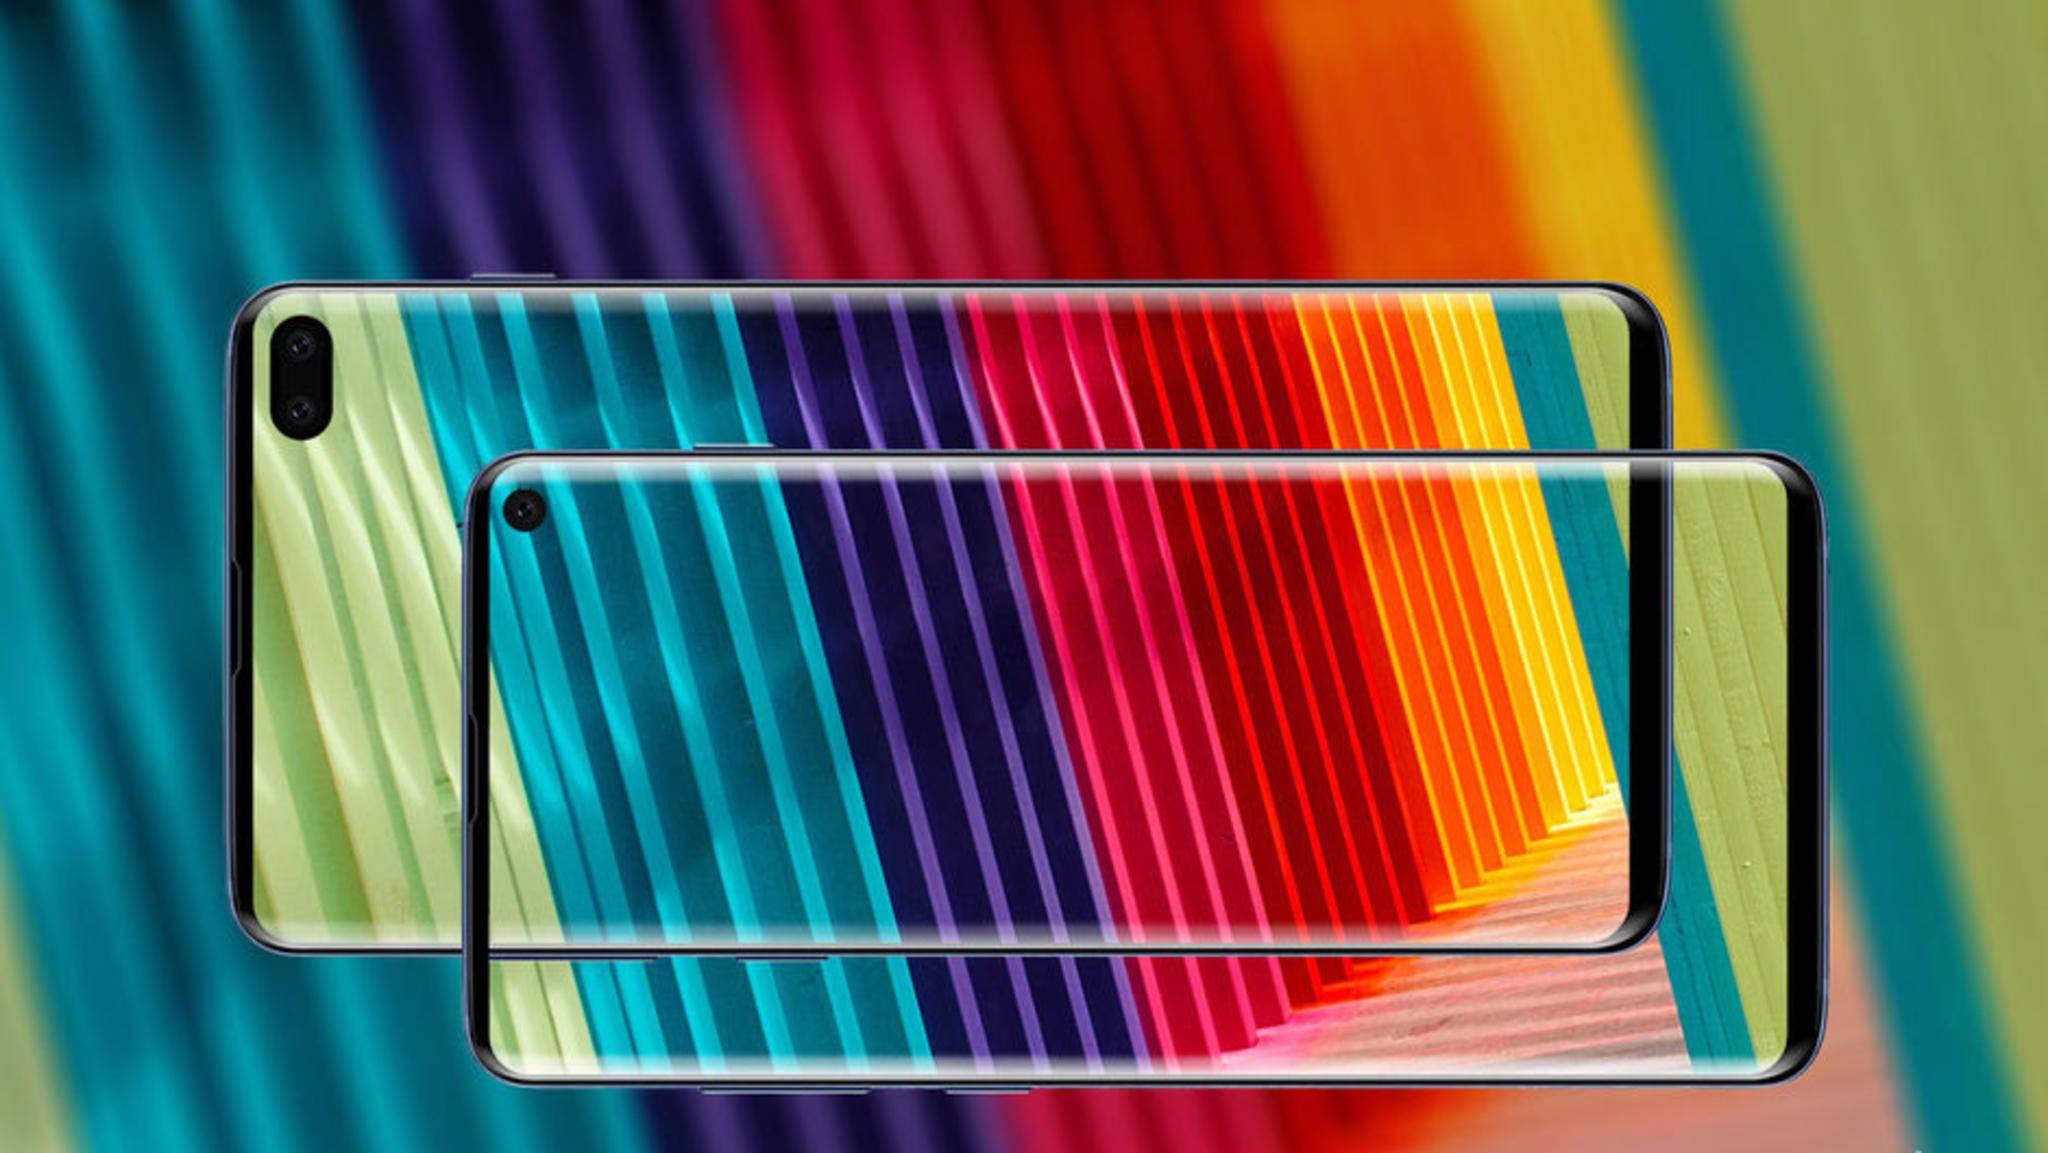 Das Galaxy S10 dürfte bessere Nachtfotos machen als das Galaxy S9.